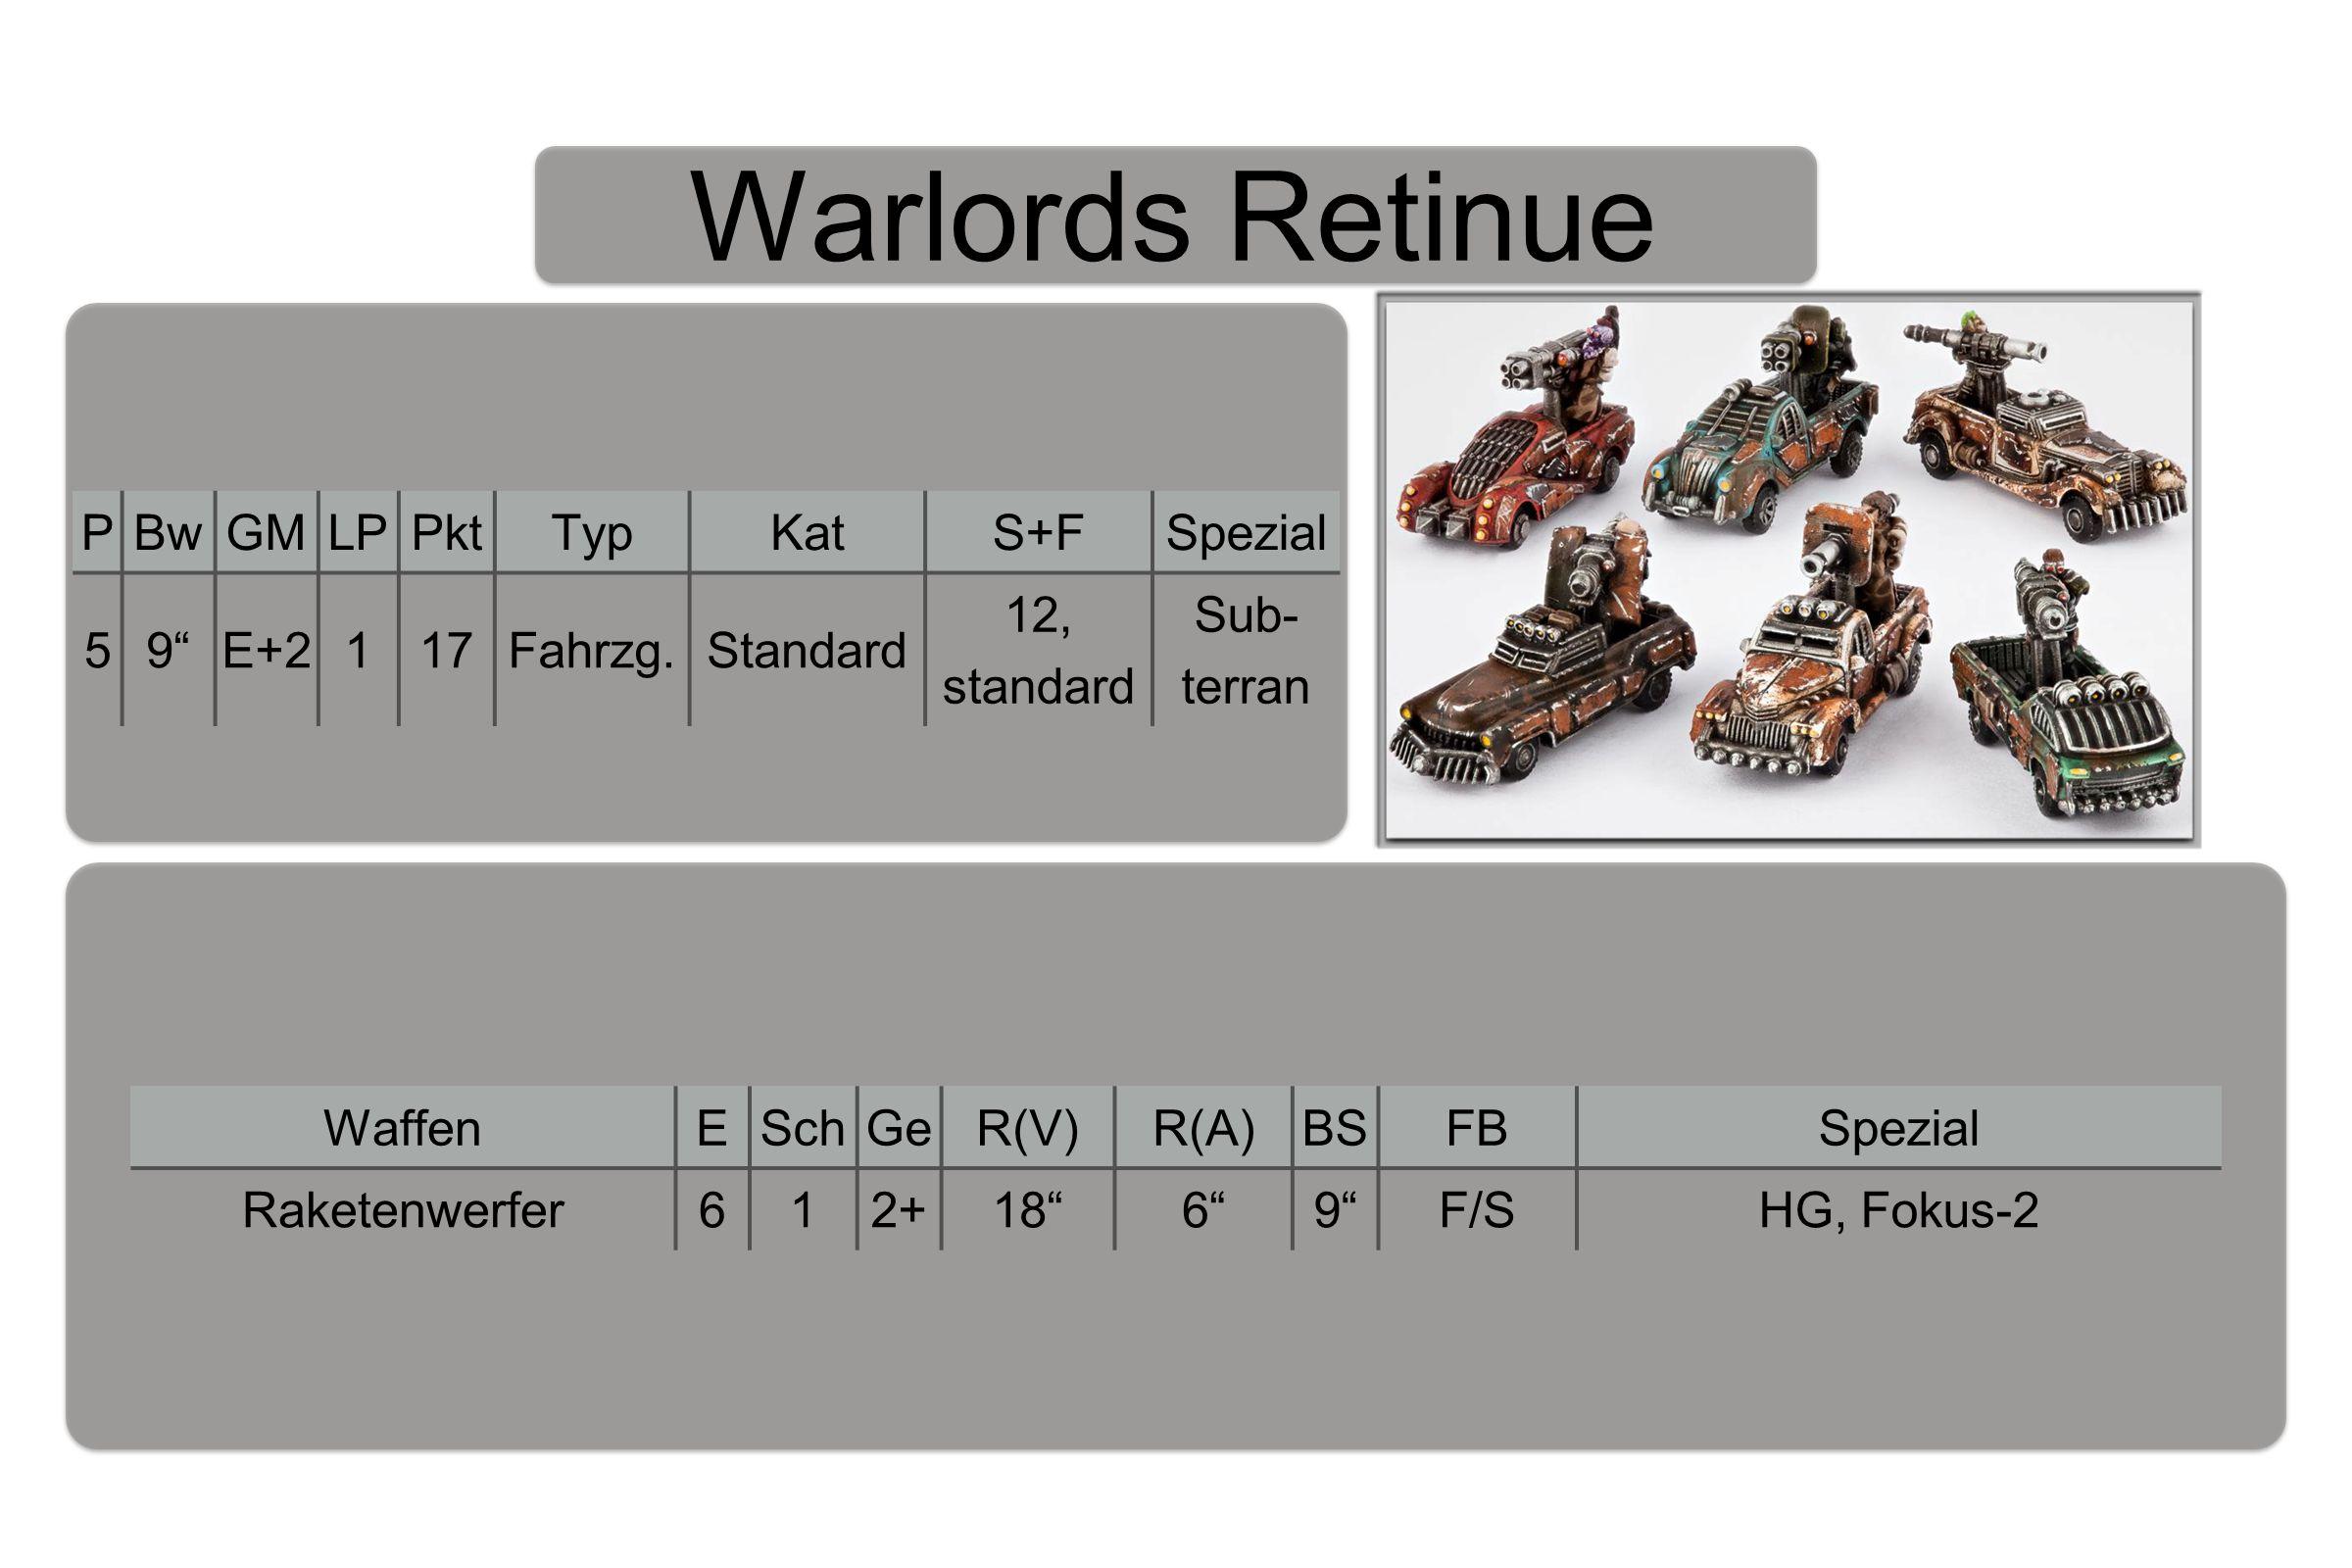 Warlords Retinue PBwGMLPPktTypKatS+FSpezial 59 E+2117Fahrzg.Standard 12, standard Sub- terran WaffenESchGeR(V)R(A)BSFBSpezial Raketenwerfer612+18 6 9 F/SHG, Fokus-2